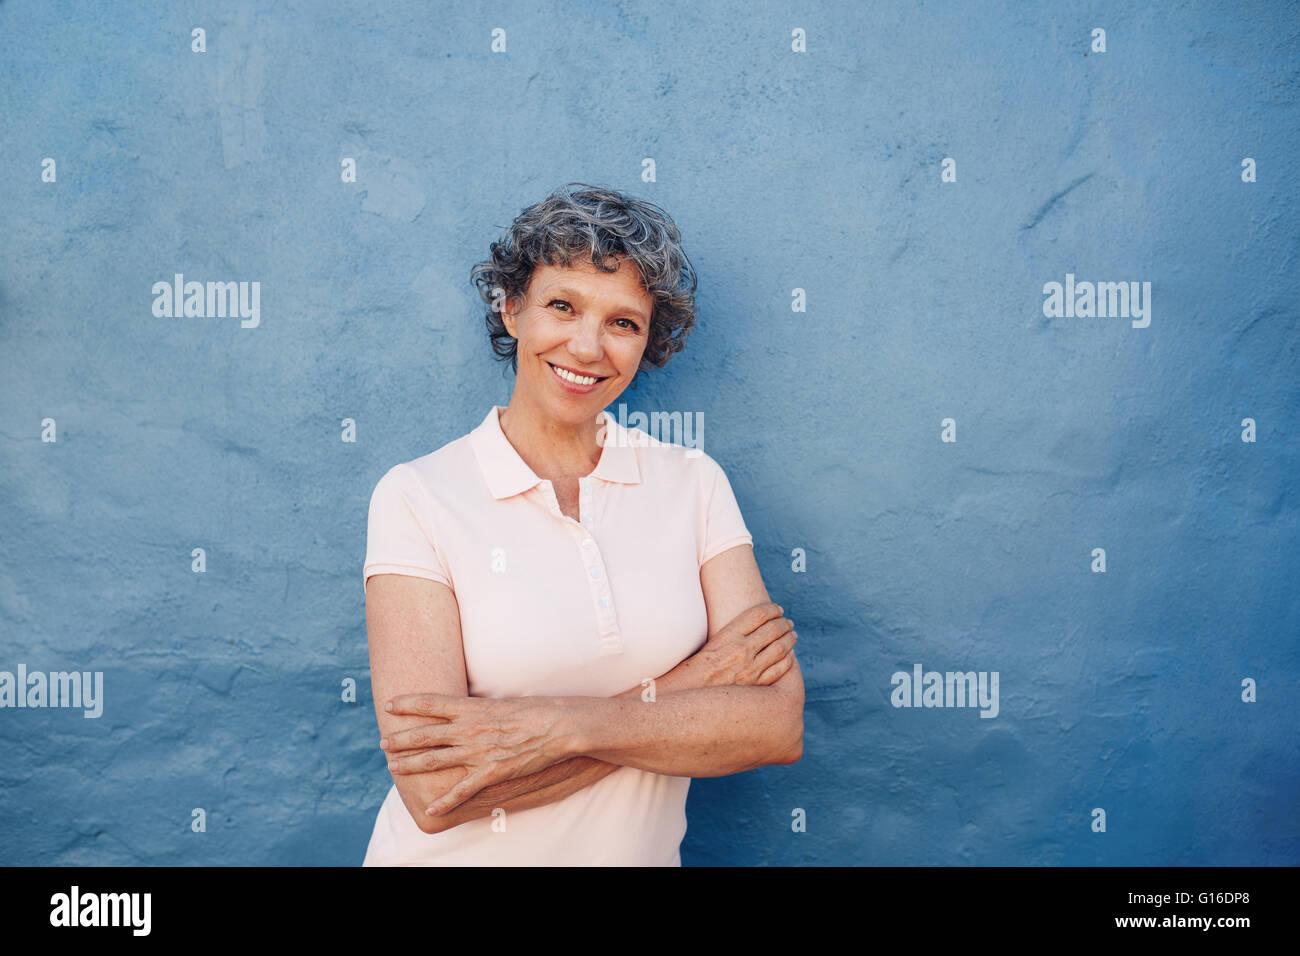 Ritratto di attraente donna matura con le braccia incrociate in piedi contro lo sfondo blu. Lei è appoggiata Immagini Stock